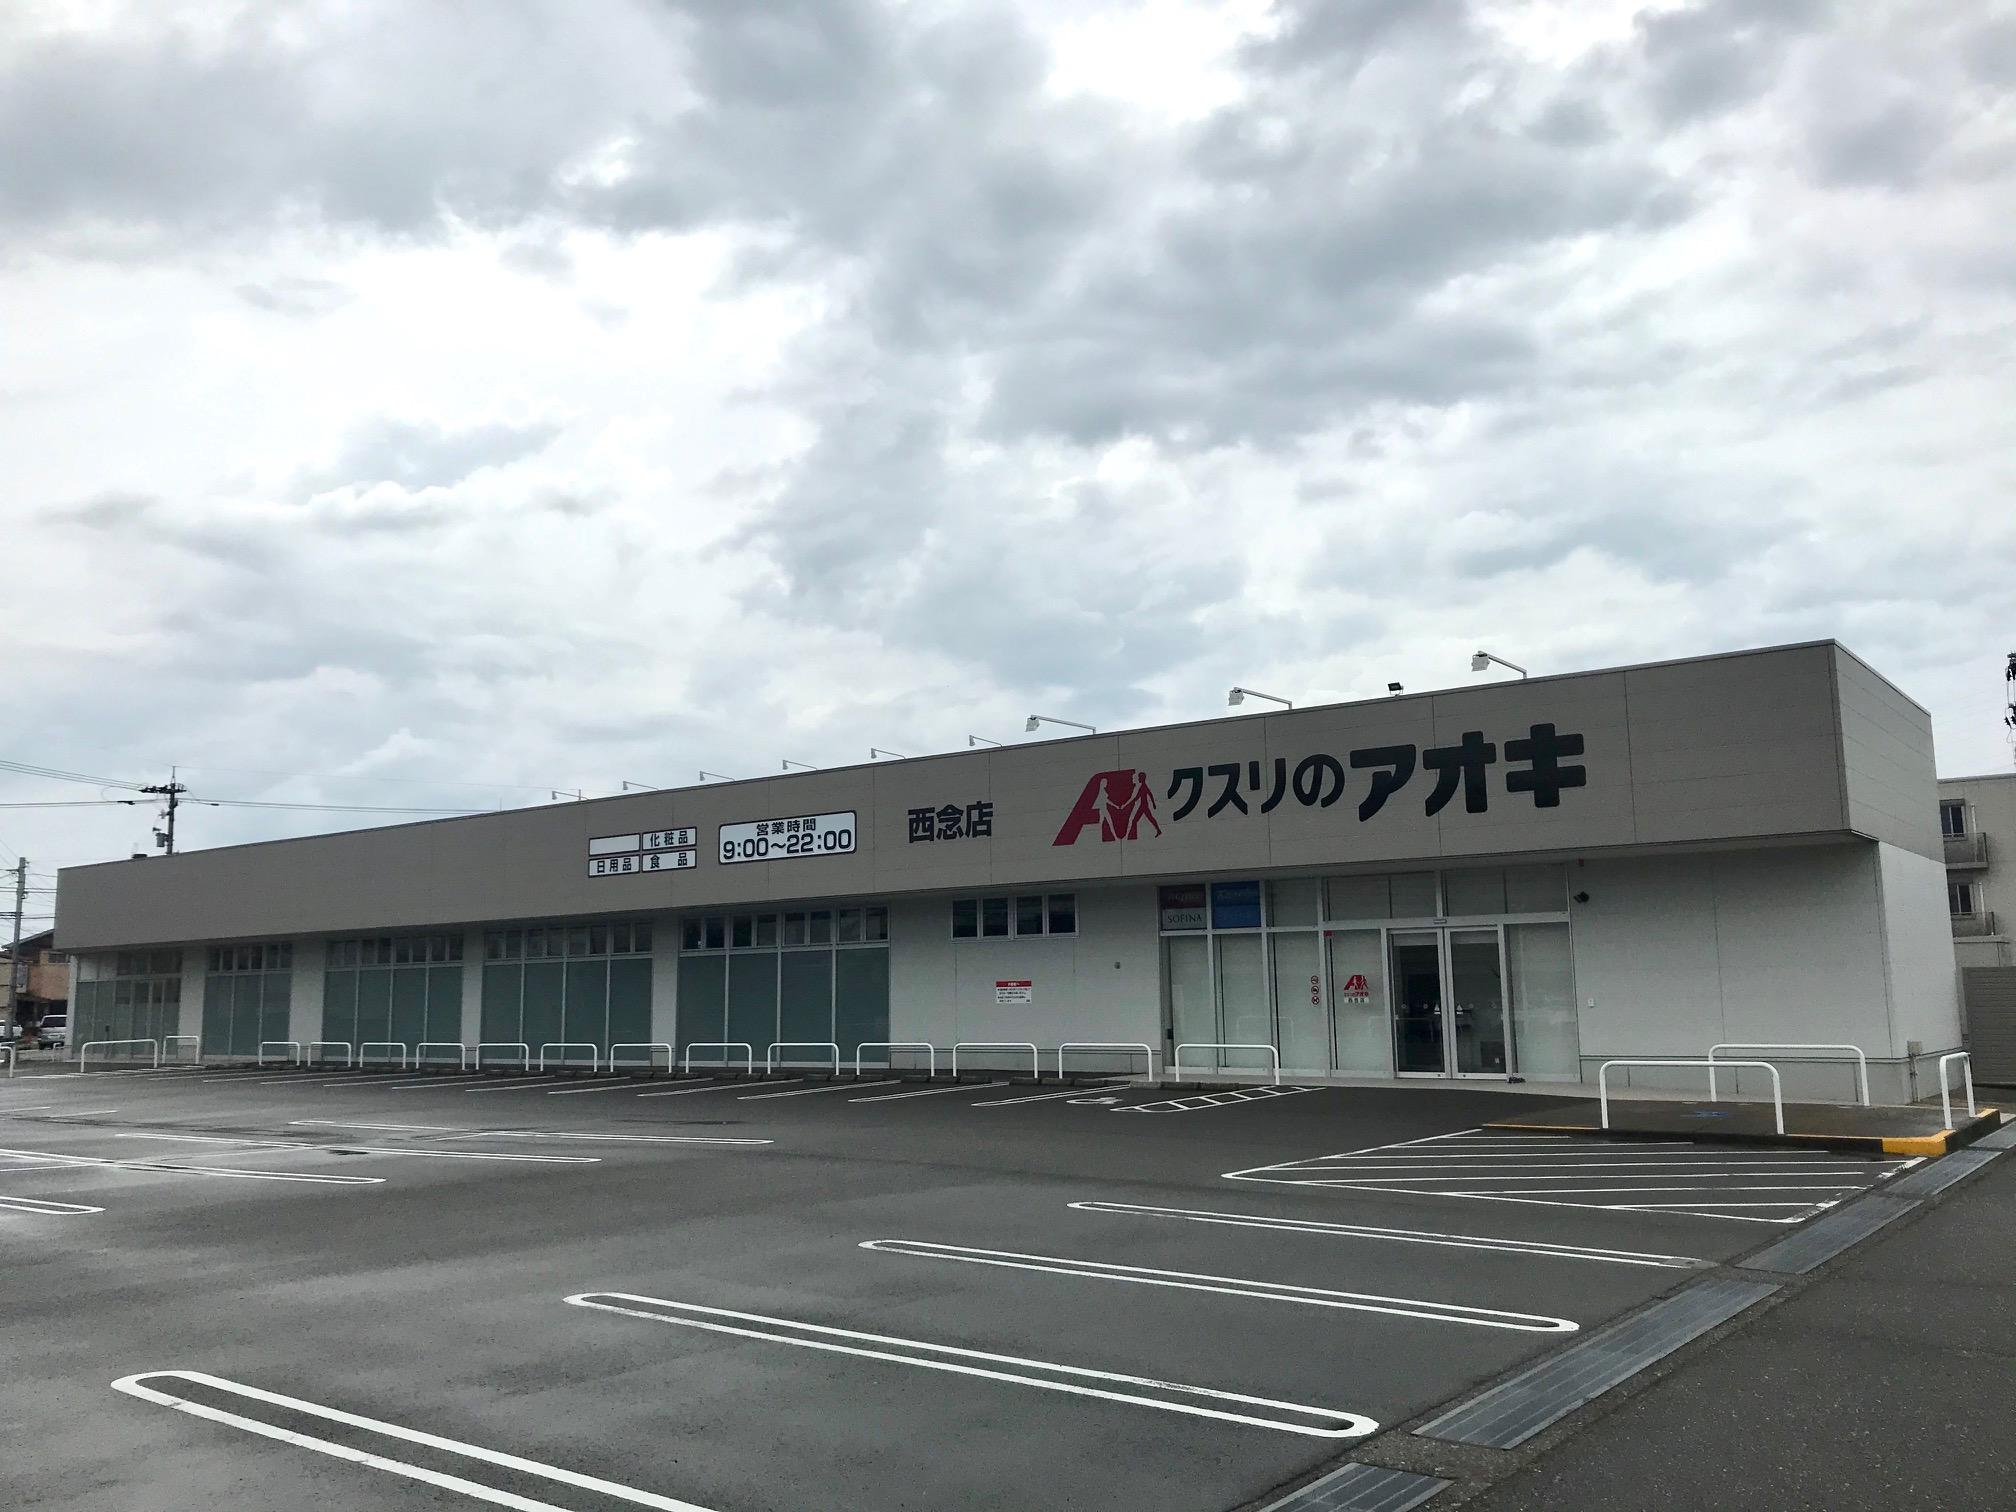 アオキ西念店_外観00